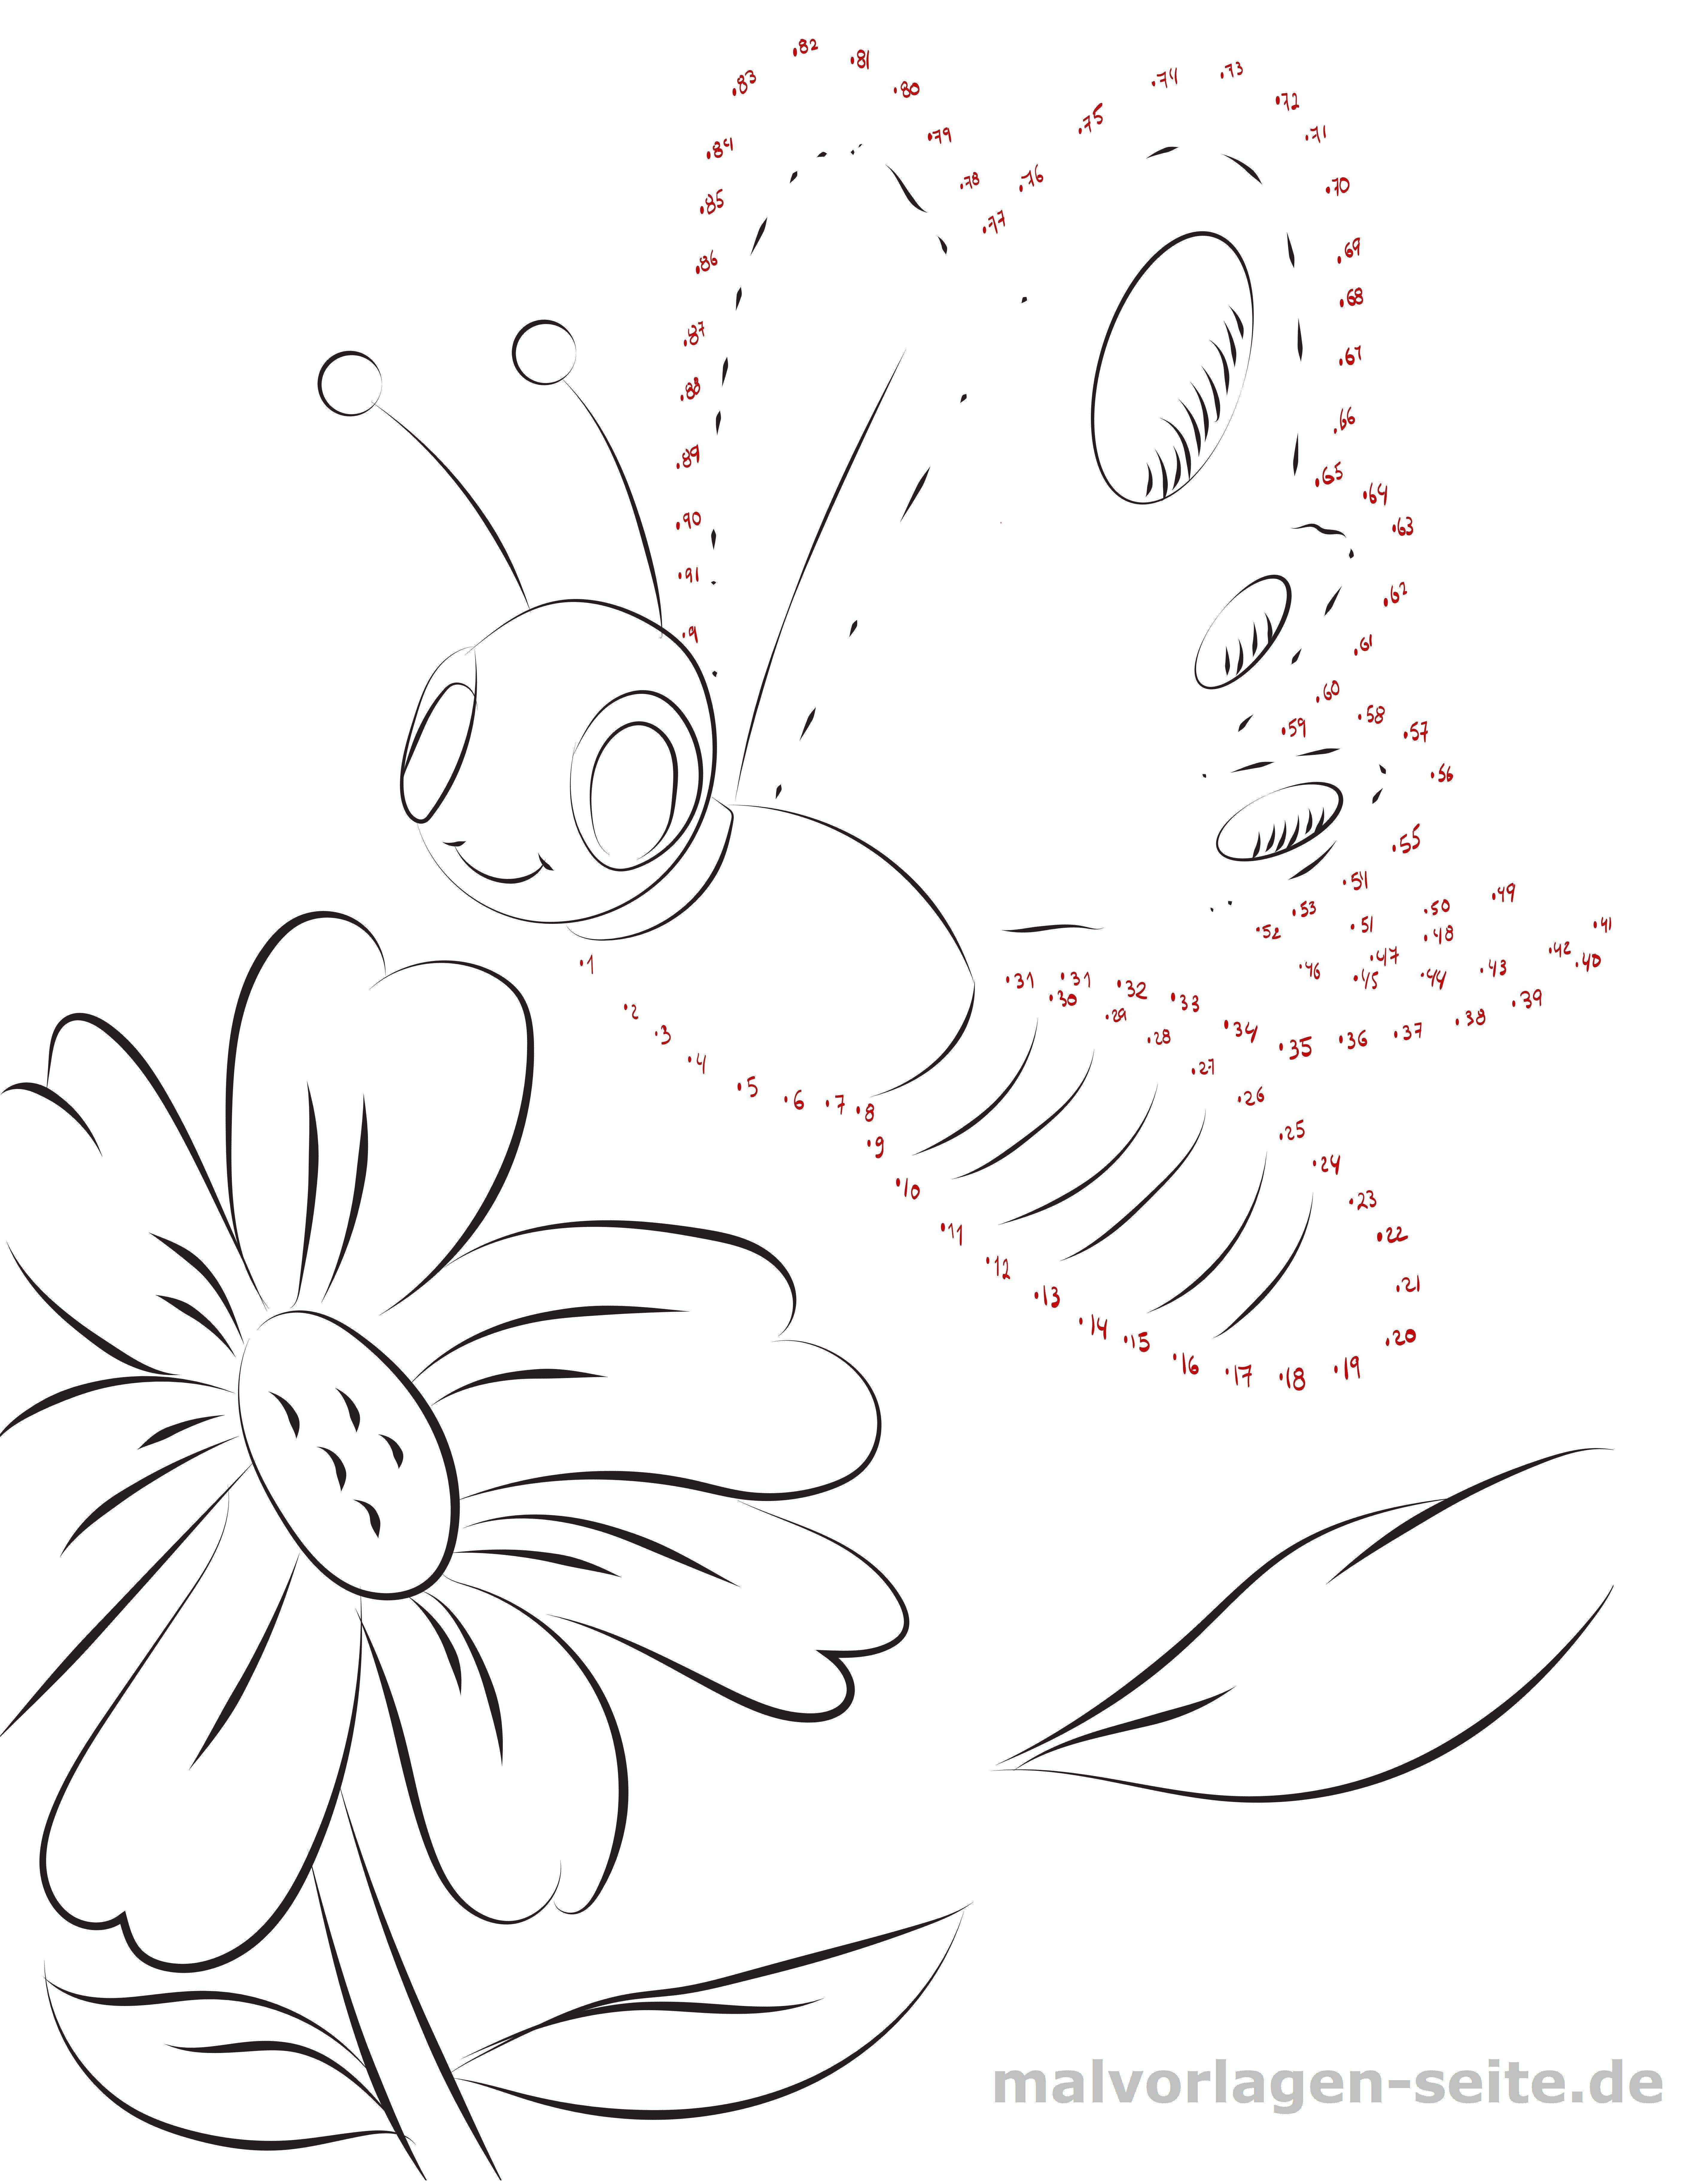 Punkt zu Punkt Schmetterling - Kostenlose Ausmalbilder